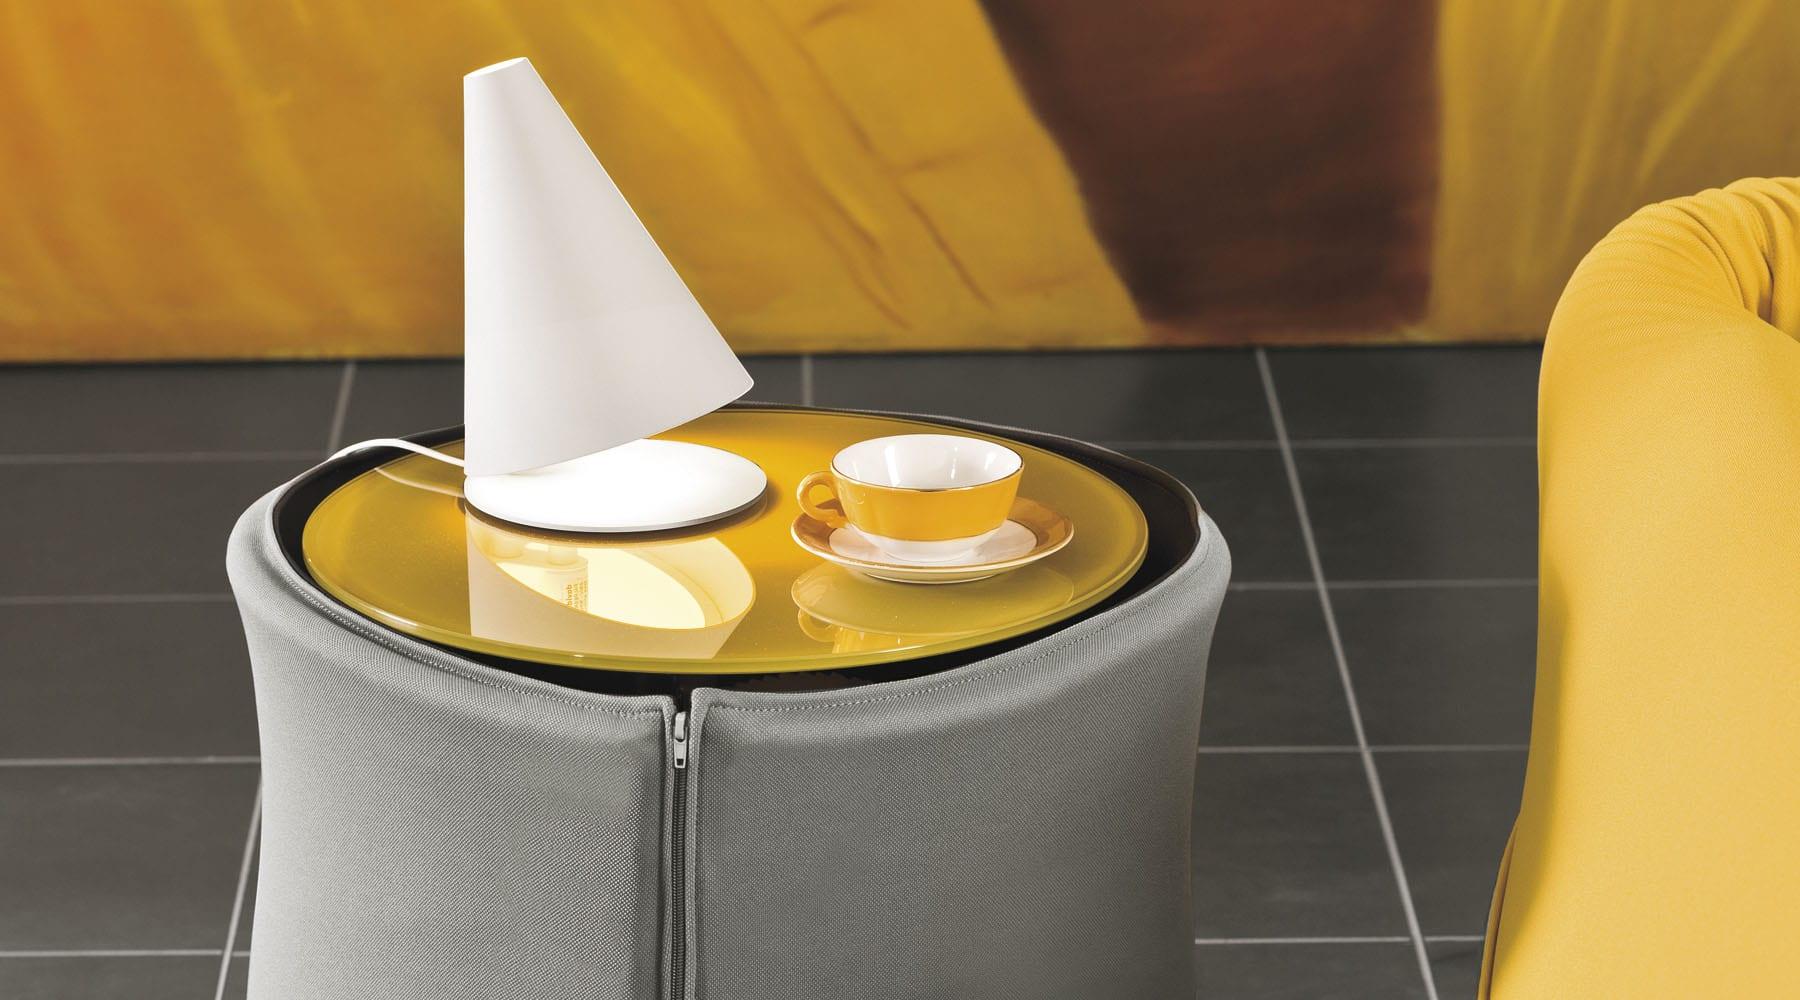 runder beistelltisch und nachttisch mit gelben glascheibe und grauer Stoffhülle für modernes Interior design in gelb und grau